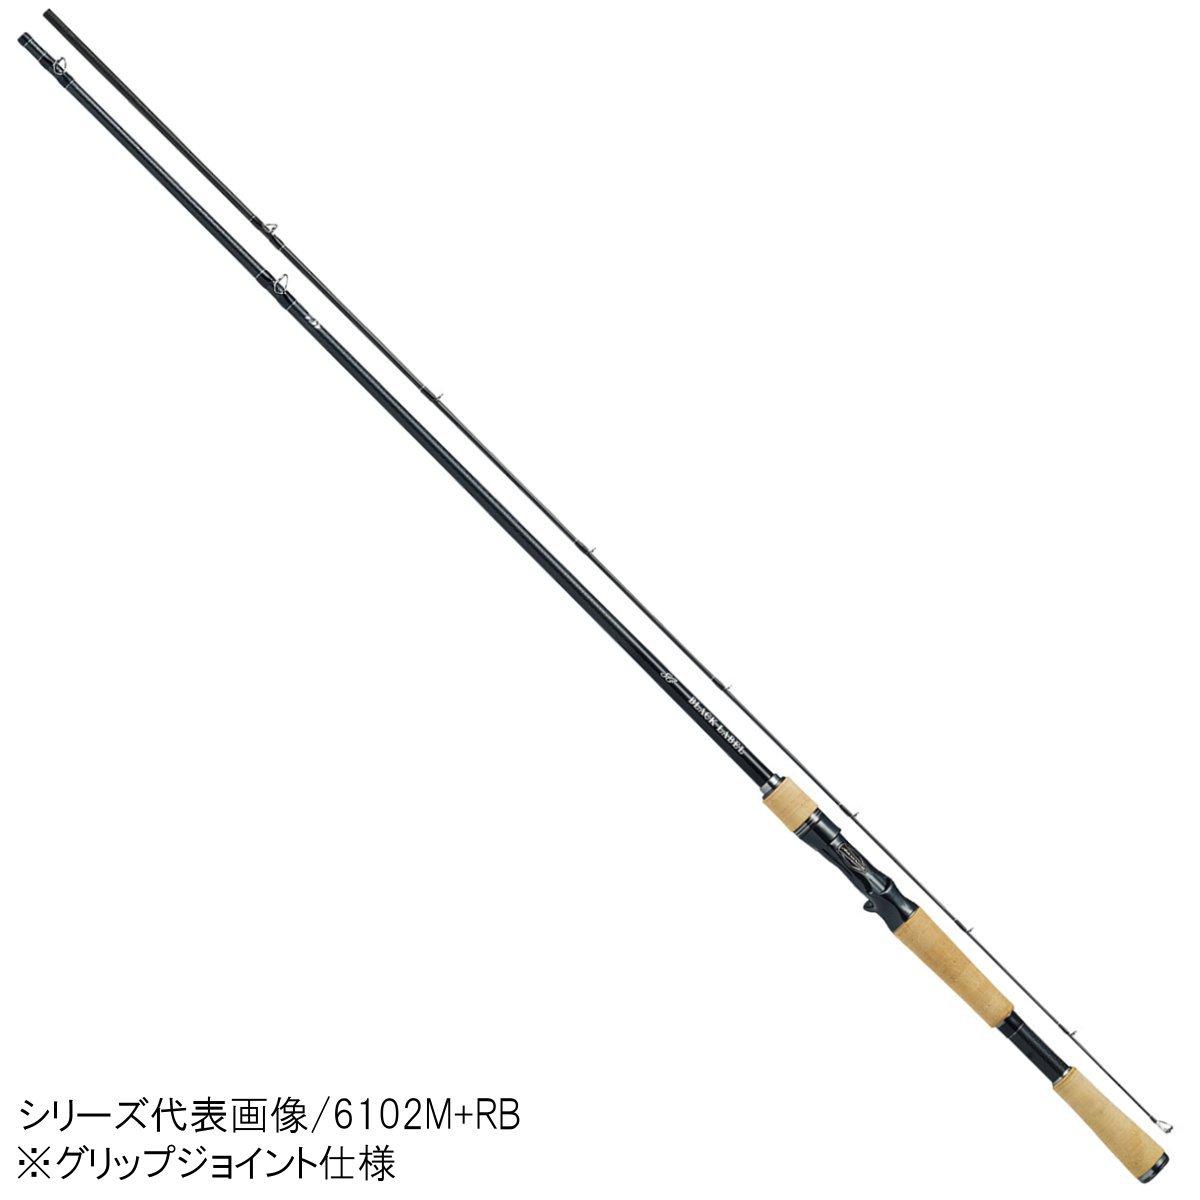 ダイワ ブラックレーベル SG(ベイトキャスティングモデル) 701MHXB【大型商品】